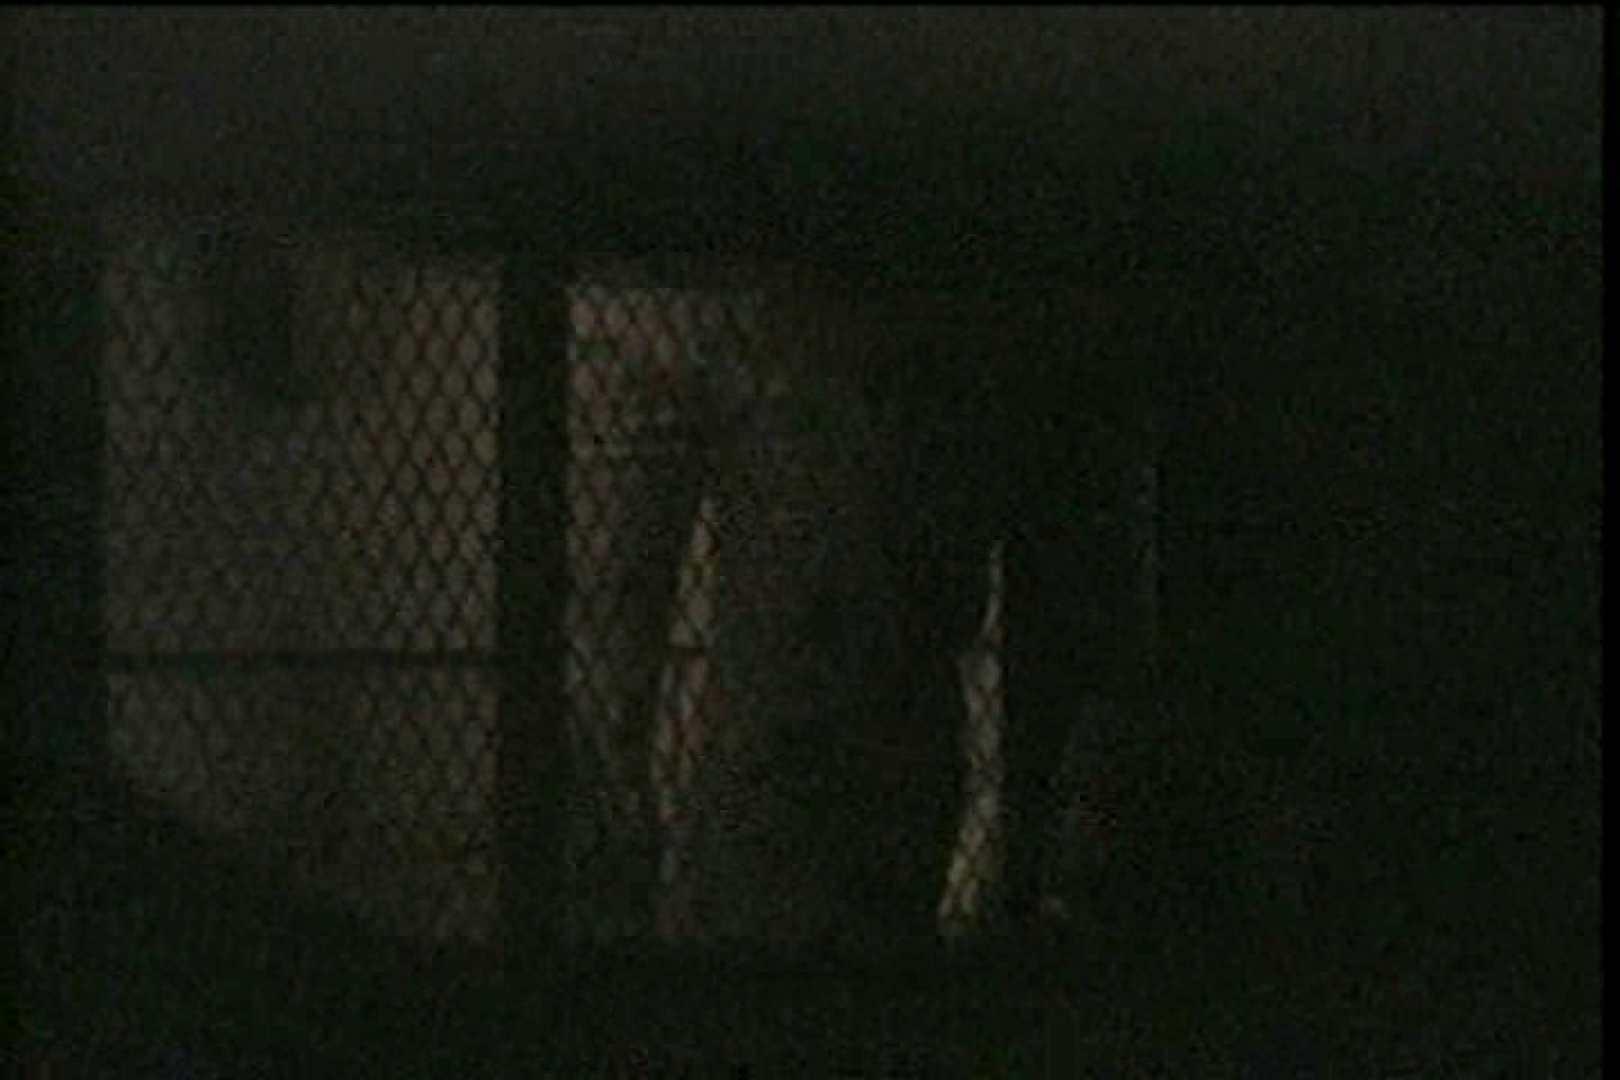 闇の仕掛け人 無修正版 Vol.19 フリーハンド  79pic 3